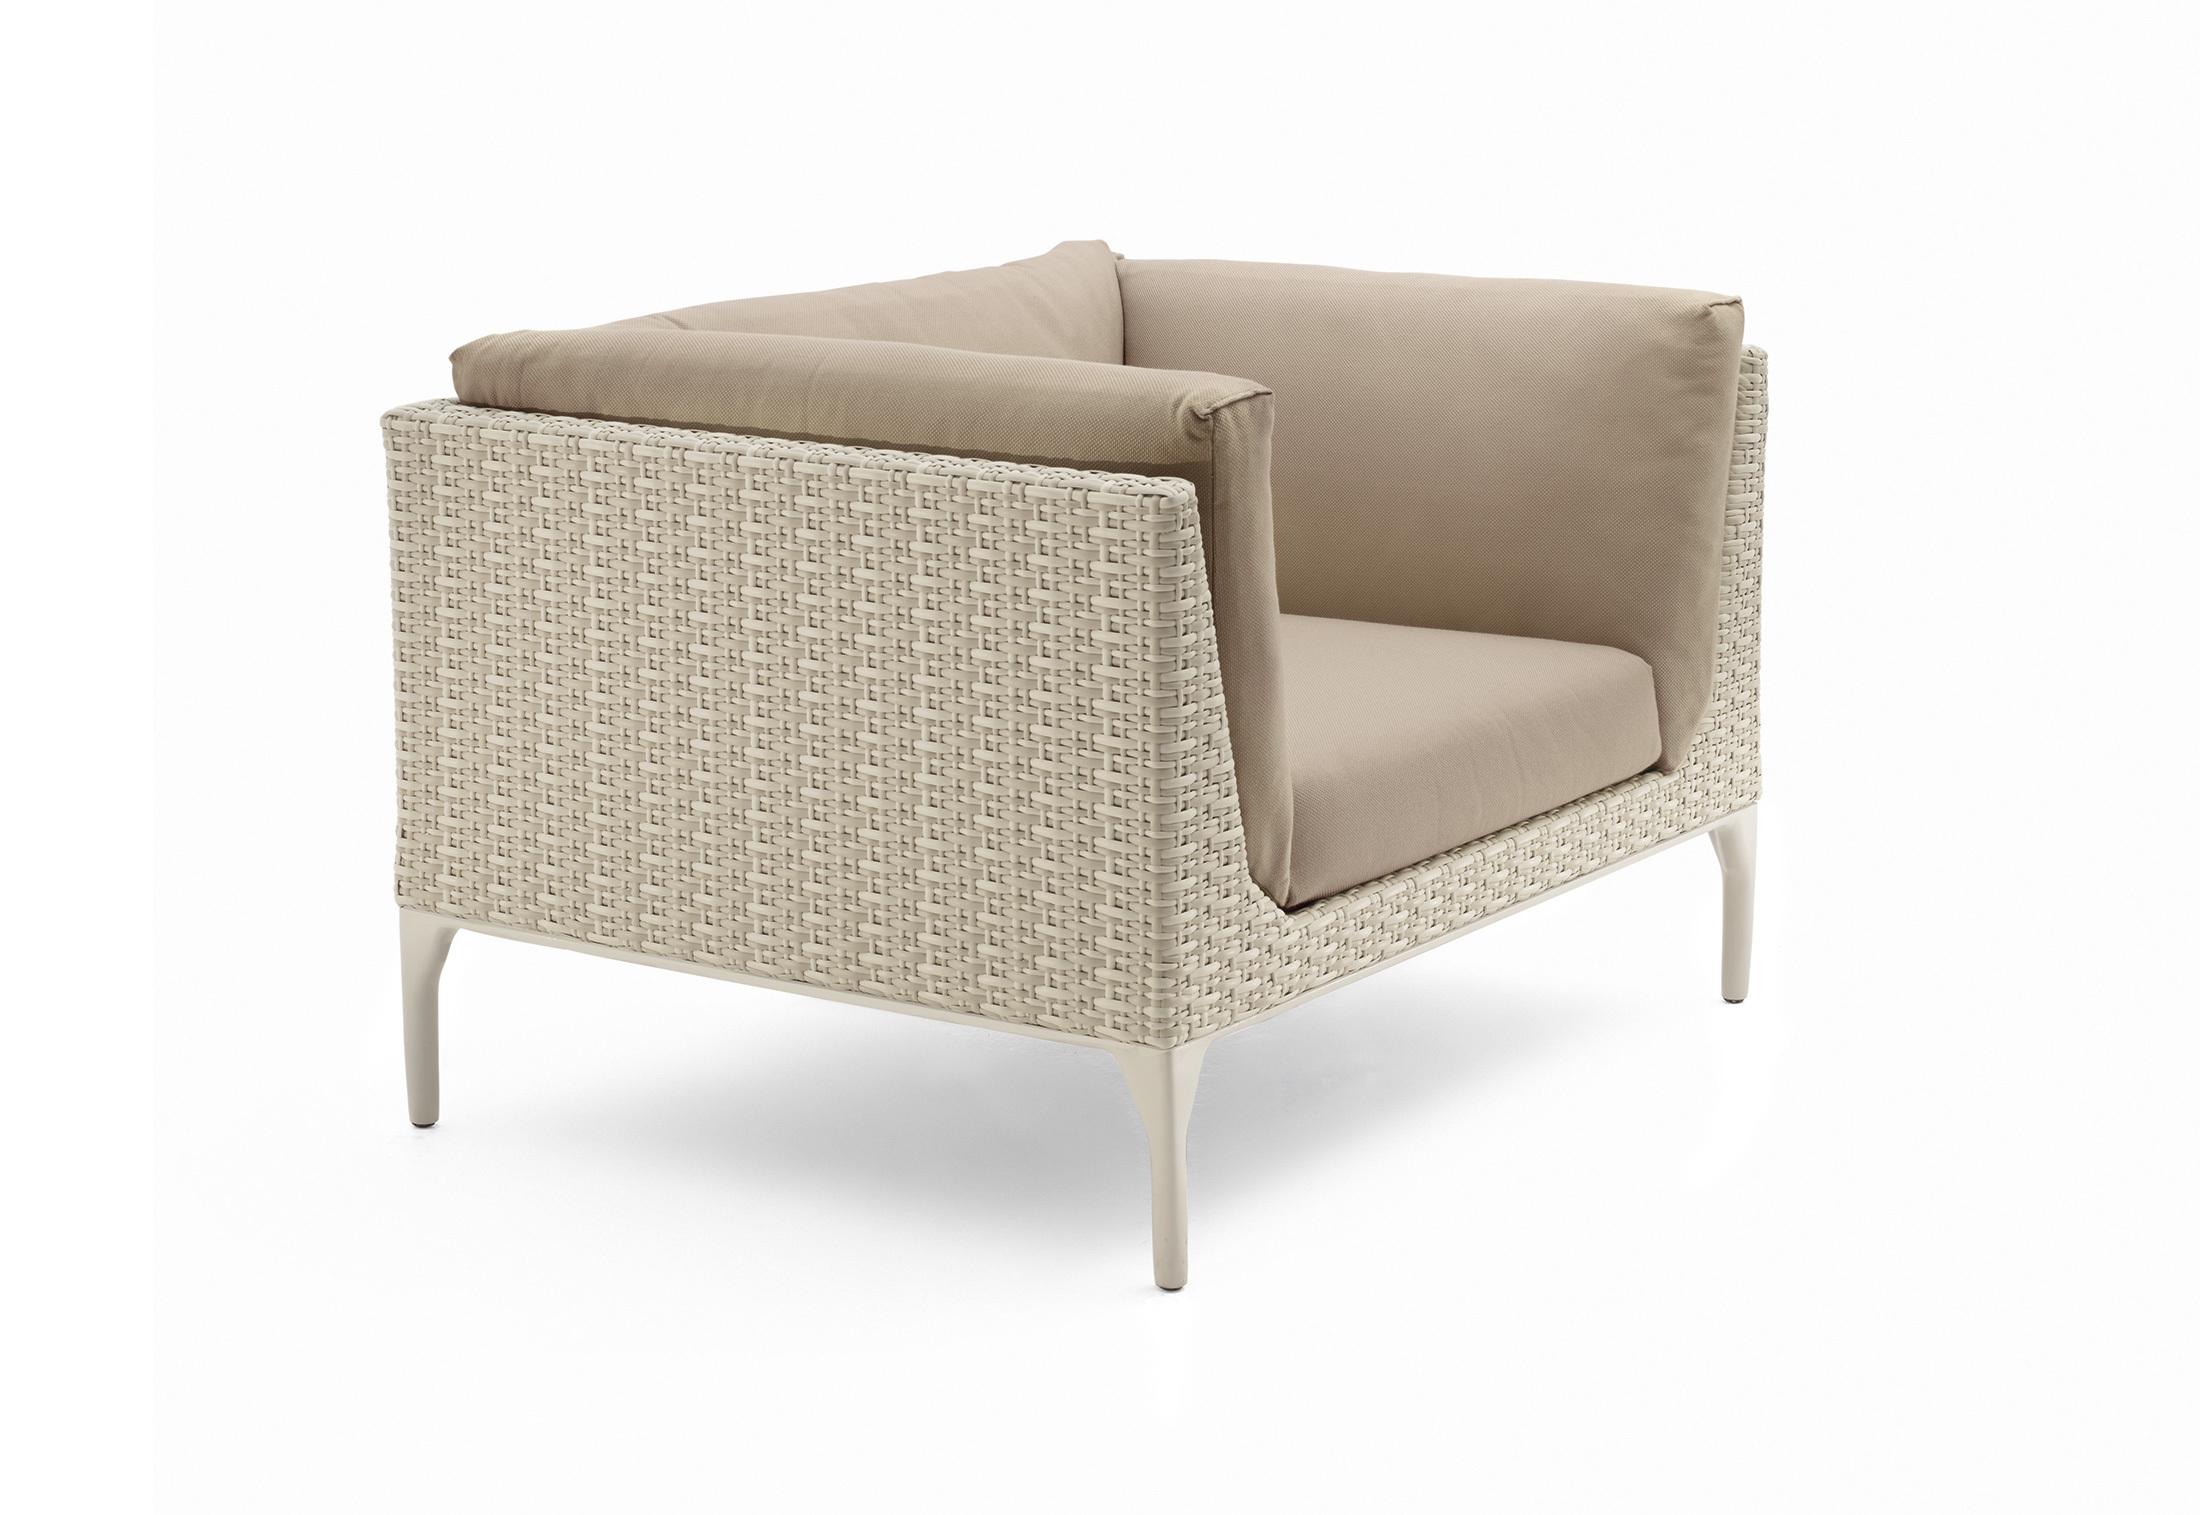 Fantastic Mu Lounge Chair By Dedon Stylepark Short Links Chair Design For Home Short Linksinfo